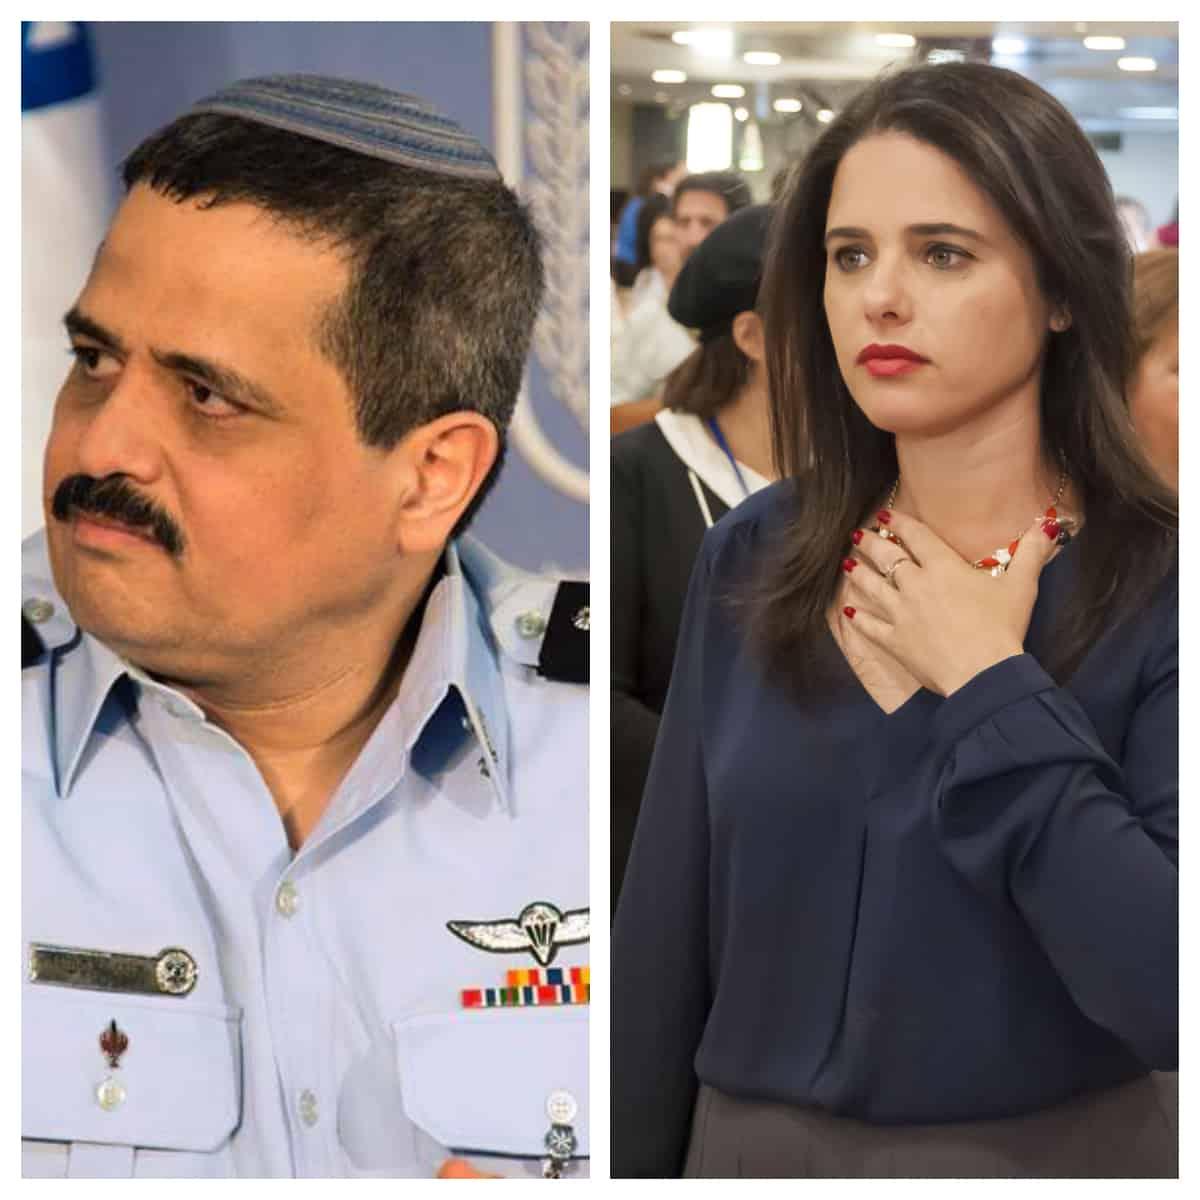 הבוסית החדשה ומפקד הנחקרים. צילום shutterstock ודוברות משטרת ישראל